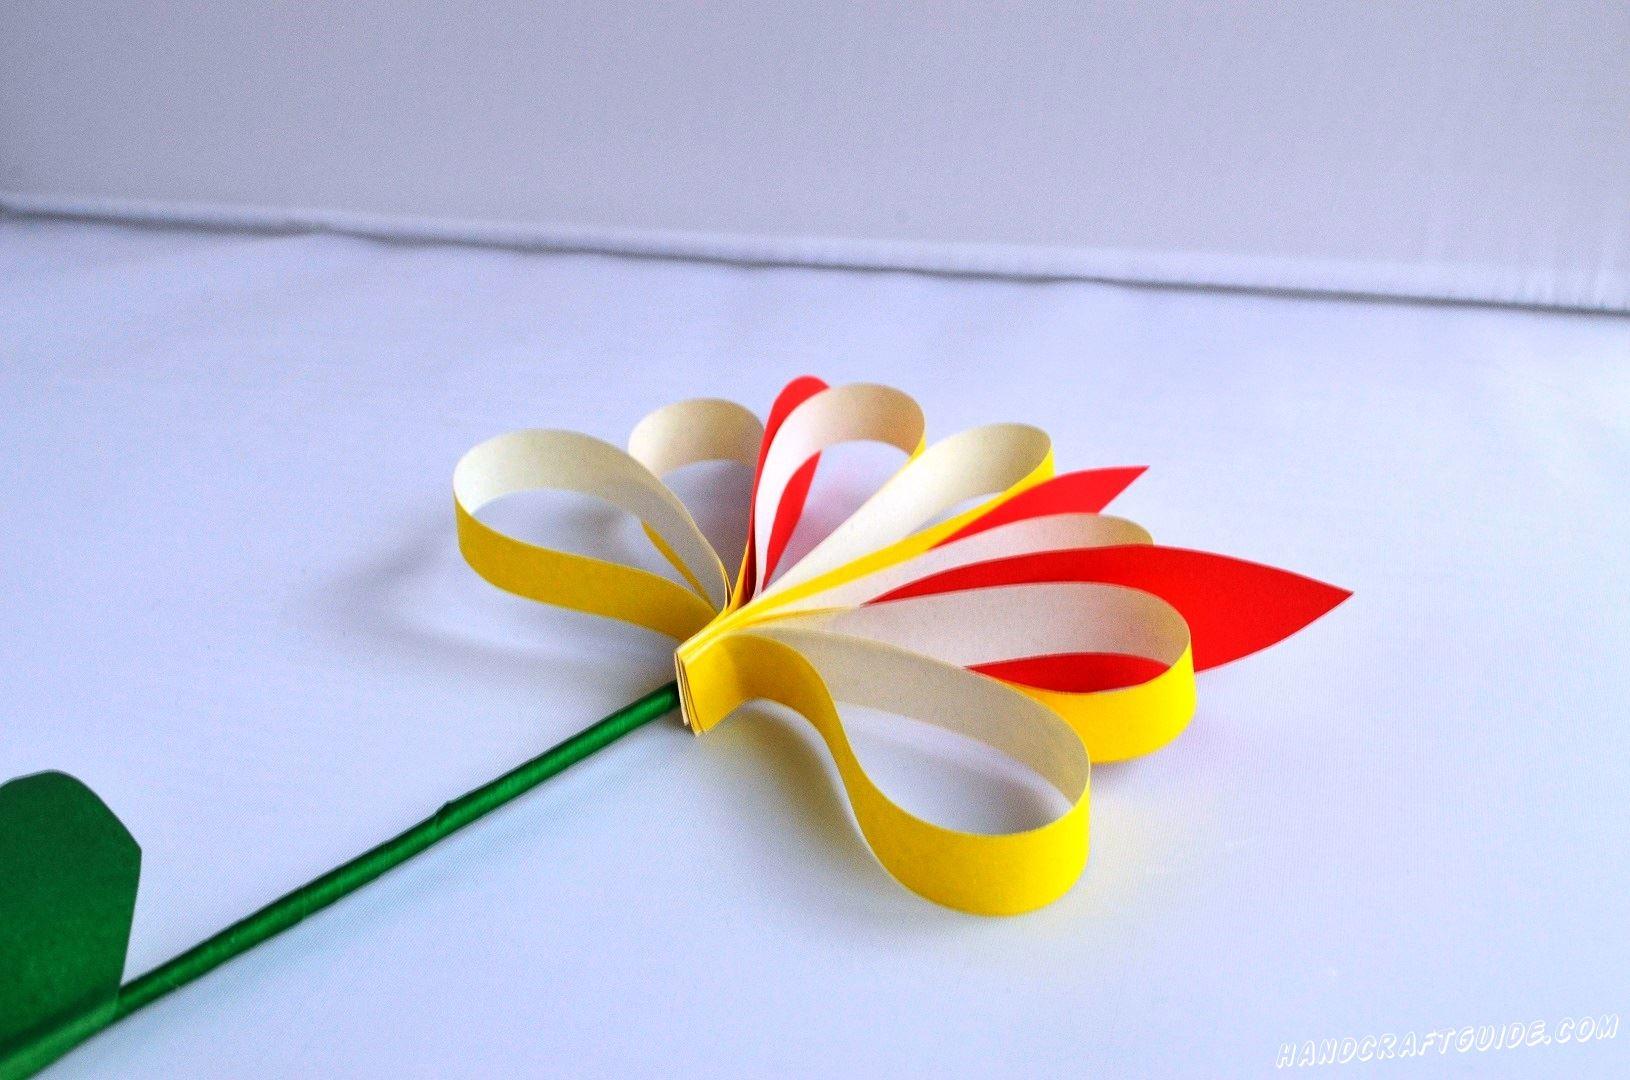 Не можете выбрать, какие цветы любит та или иная девочка? Мы вам покажем универсальный вариант – цветочек из цветной бумаги.